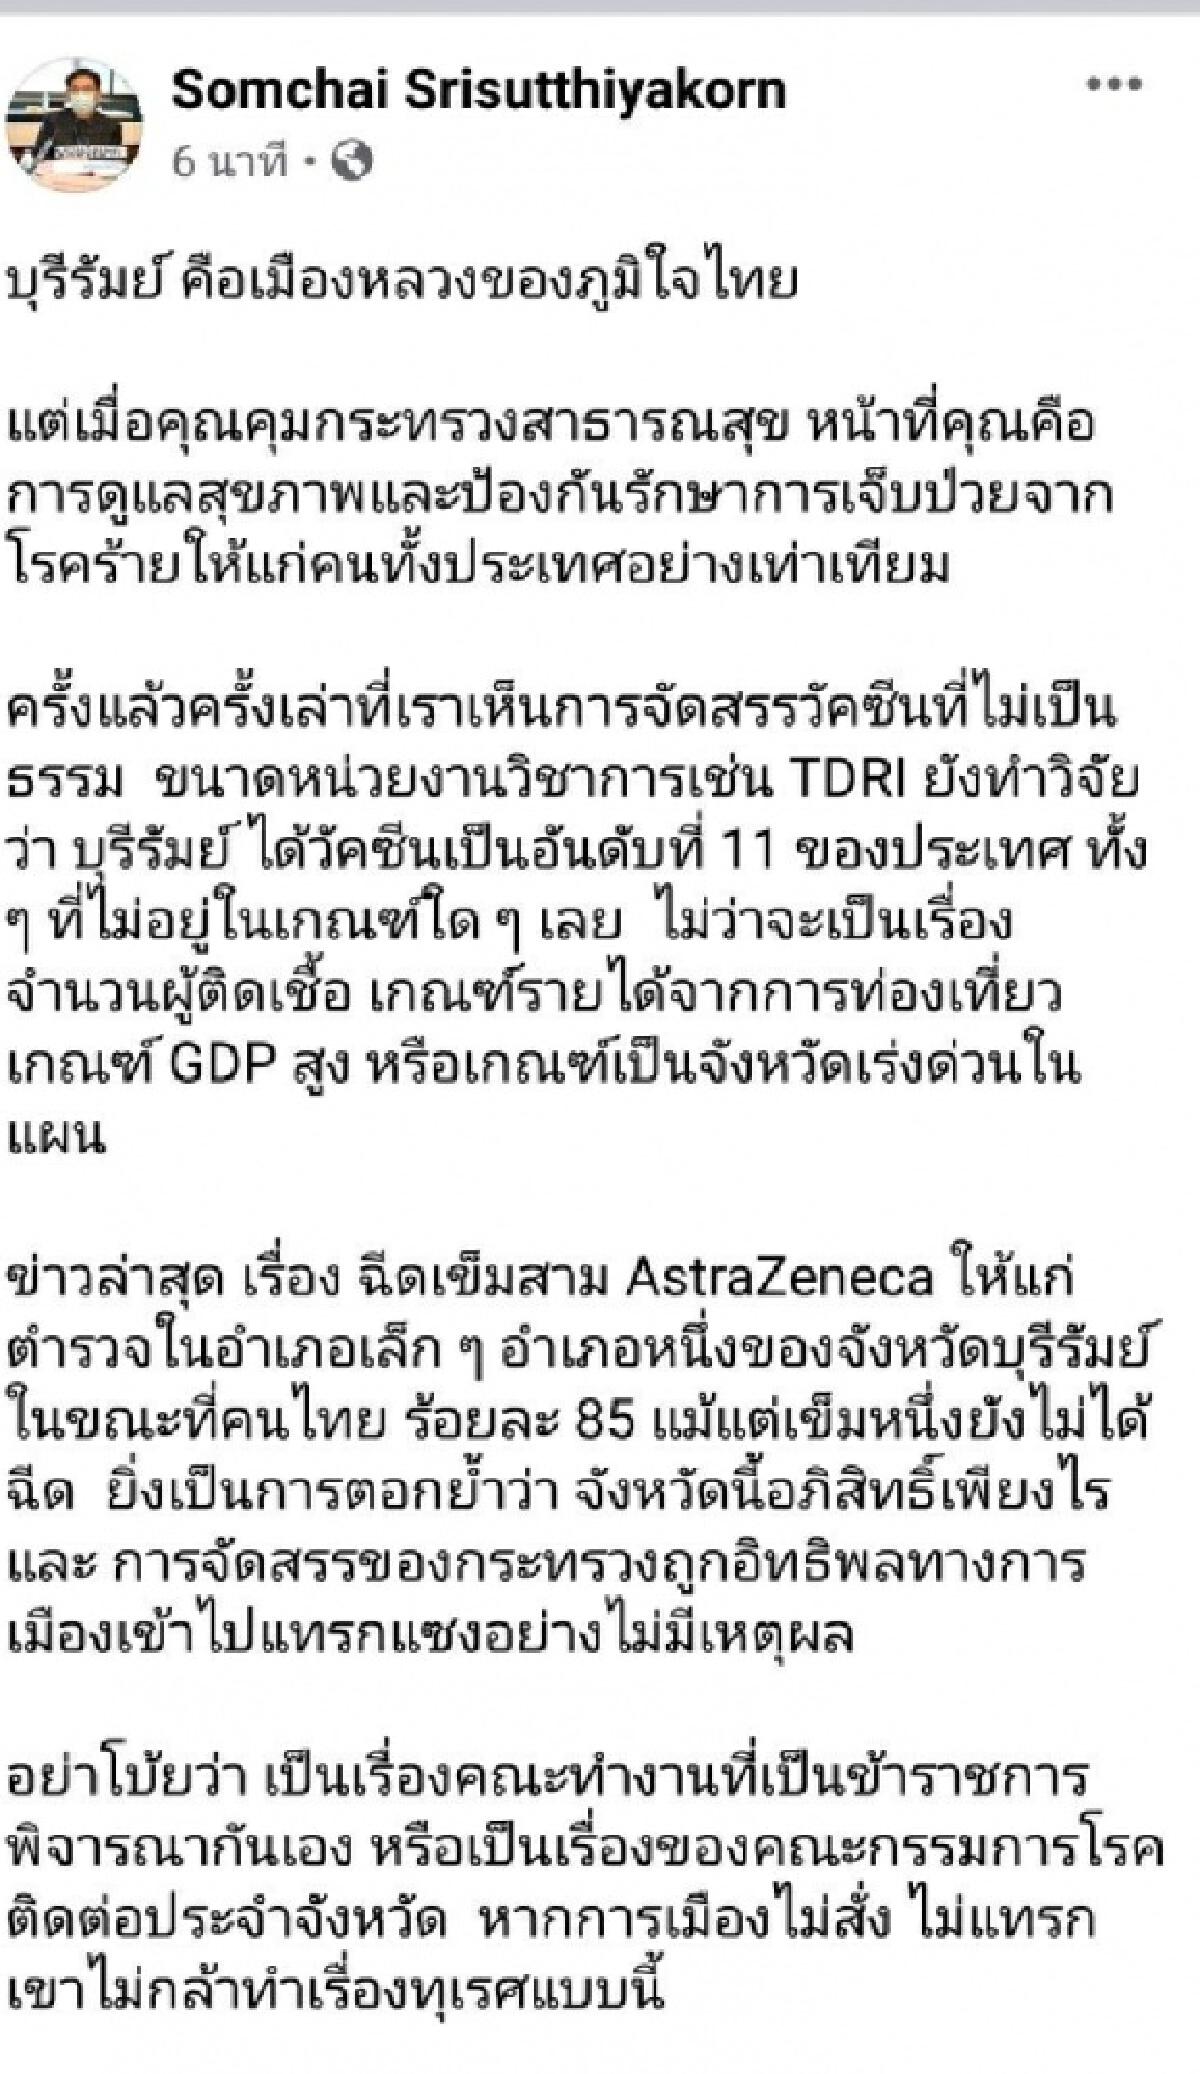 """""""สมชัย"""" โพสต์""""บุรีรัมย์เมืองหลวงของภูมิใจไทย"""" ชี้ จัดสรรวัคซีนไม่เป็นธรรม"""